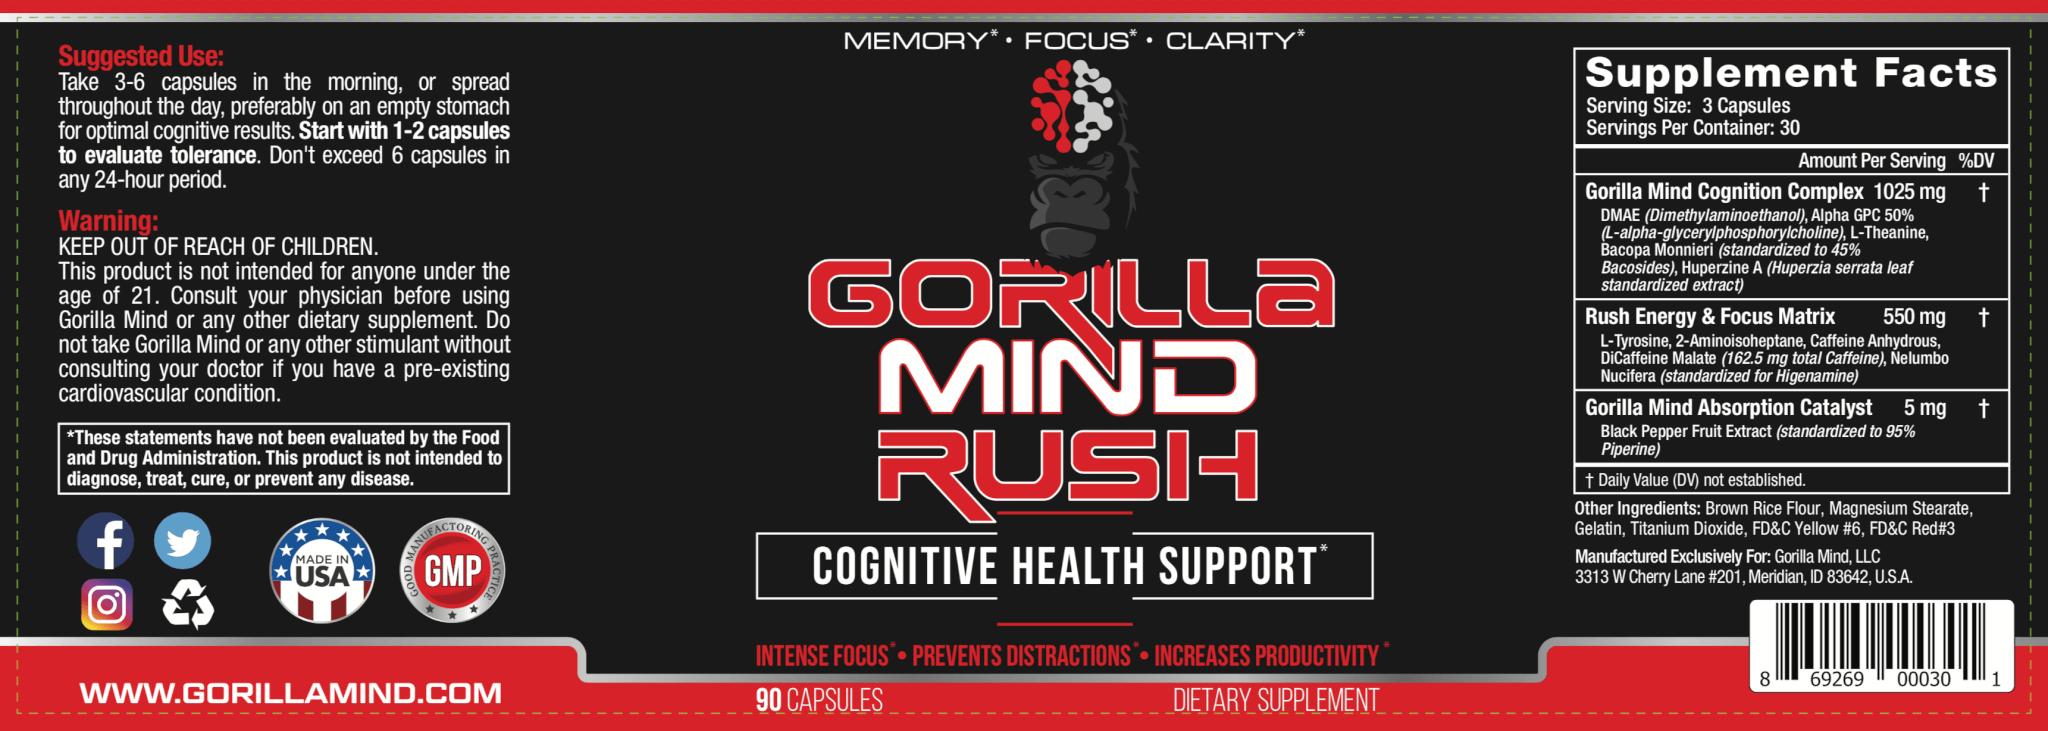 Gorilla Mind Rush Label